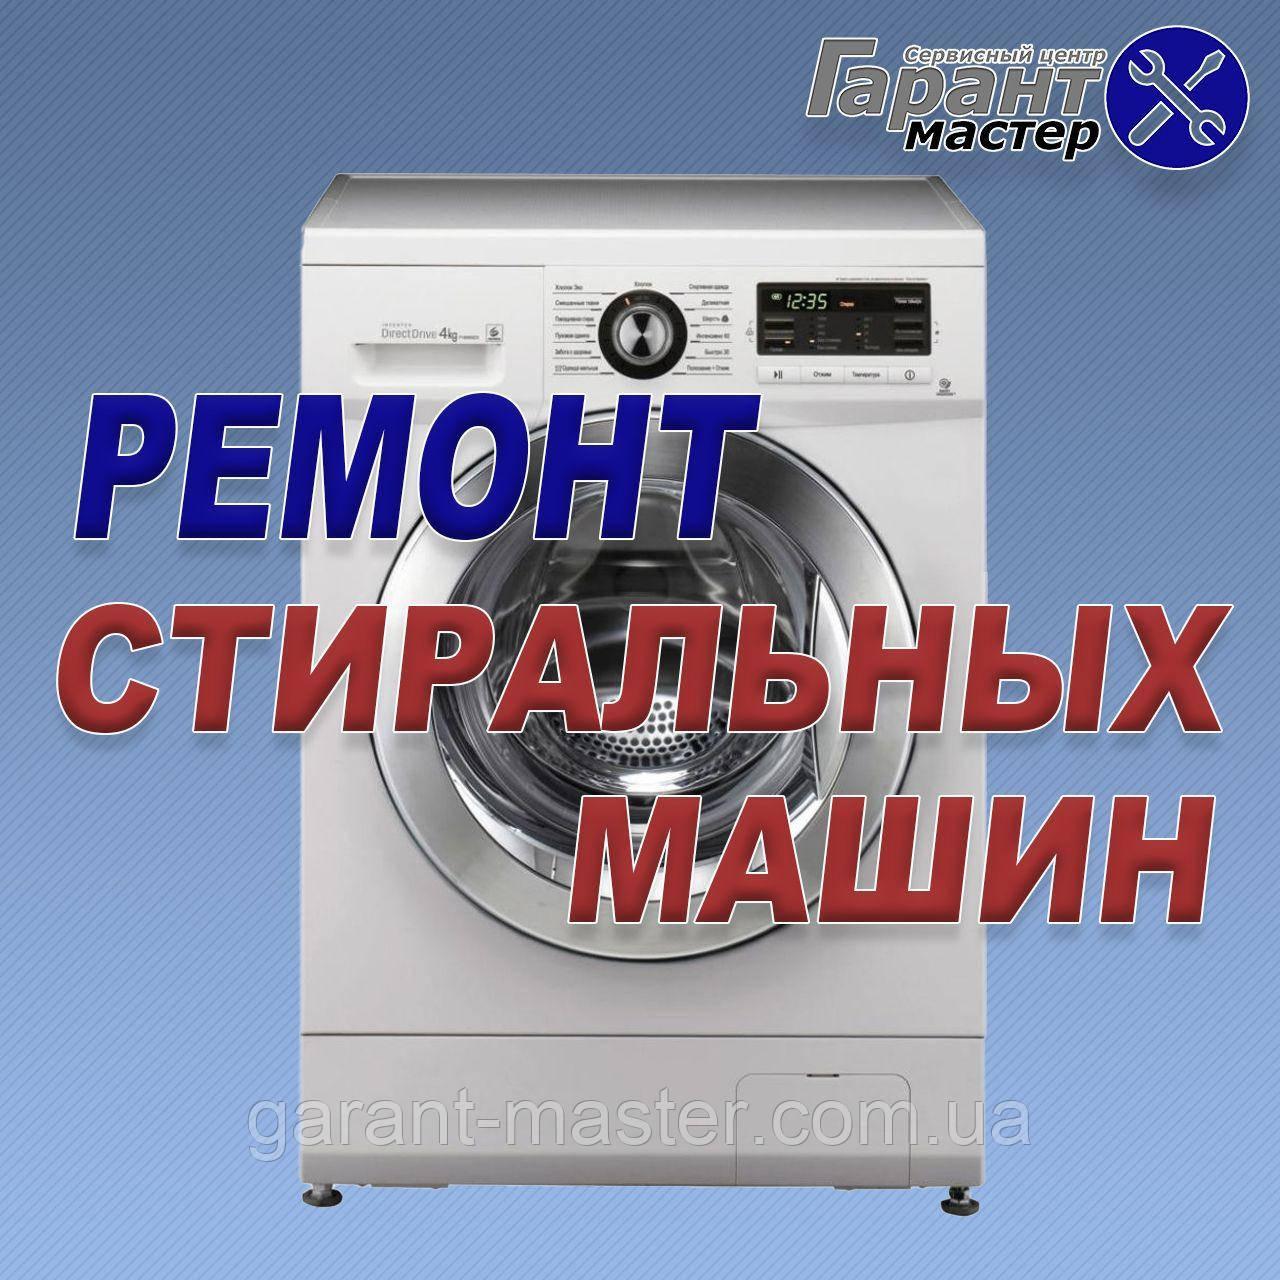 Ремонт стиральных машин WHIRLPOOL в Днепропетровске